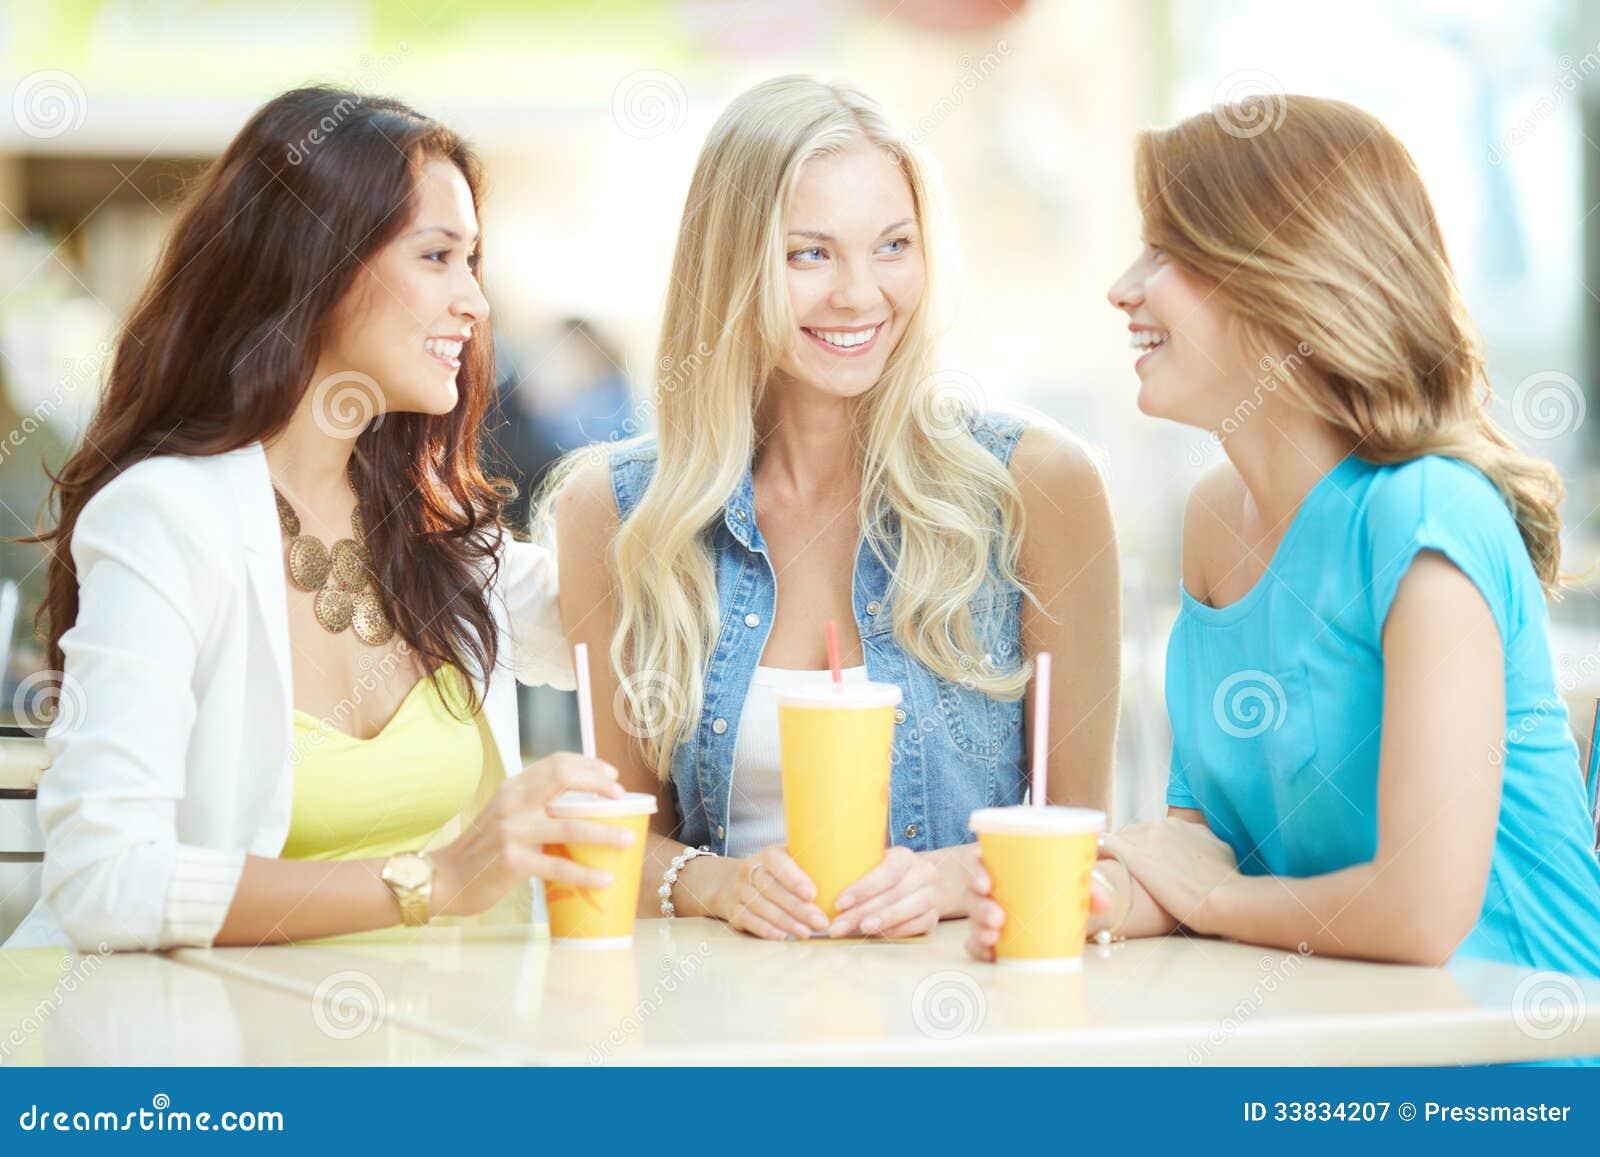 happy chat 出会い系サイト「happy chat - チャットで近所の友達探し(ハッピーチャット)」の口コミや評判、噂を評価・検証しています。出会える系を攻略する時の参考に!出会い系サイトを探すなら口コミ出会い太郎.